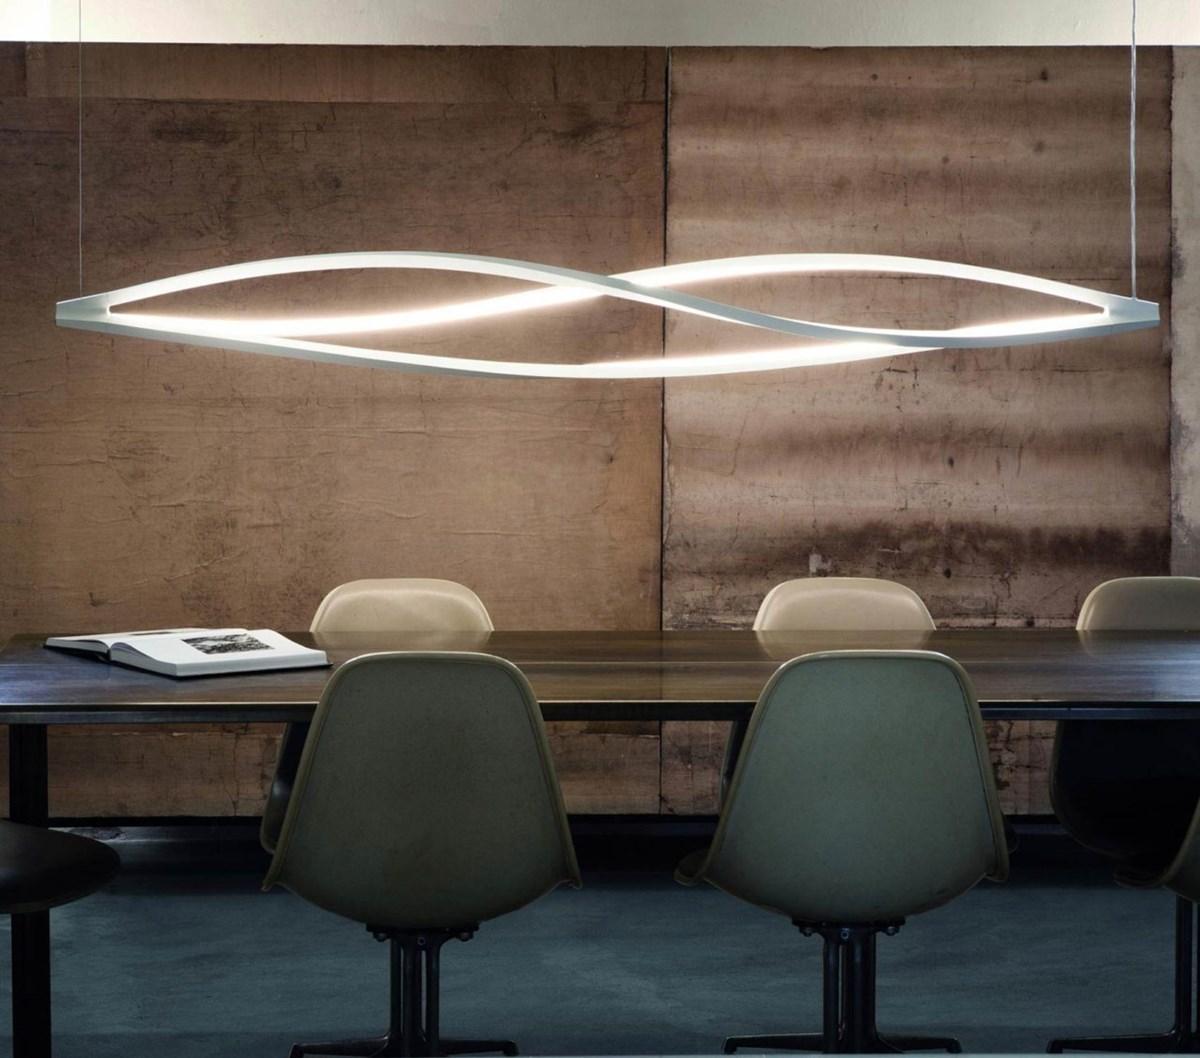 Nemo-Arihiro-Miyake-In-The-Wind-Horizontal-Pendant-Lamp-Matisse-3 (1)